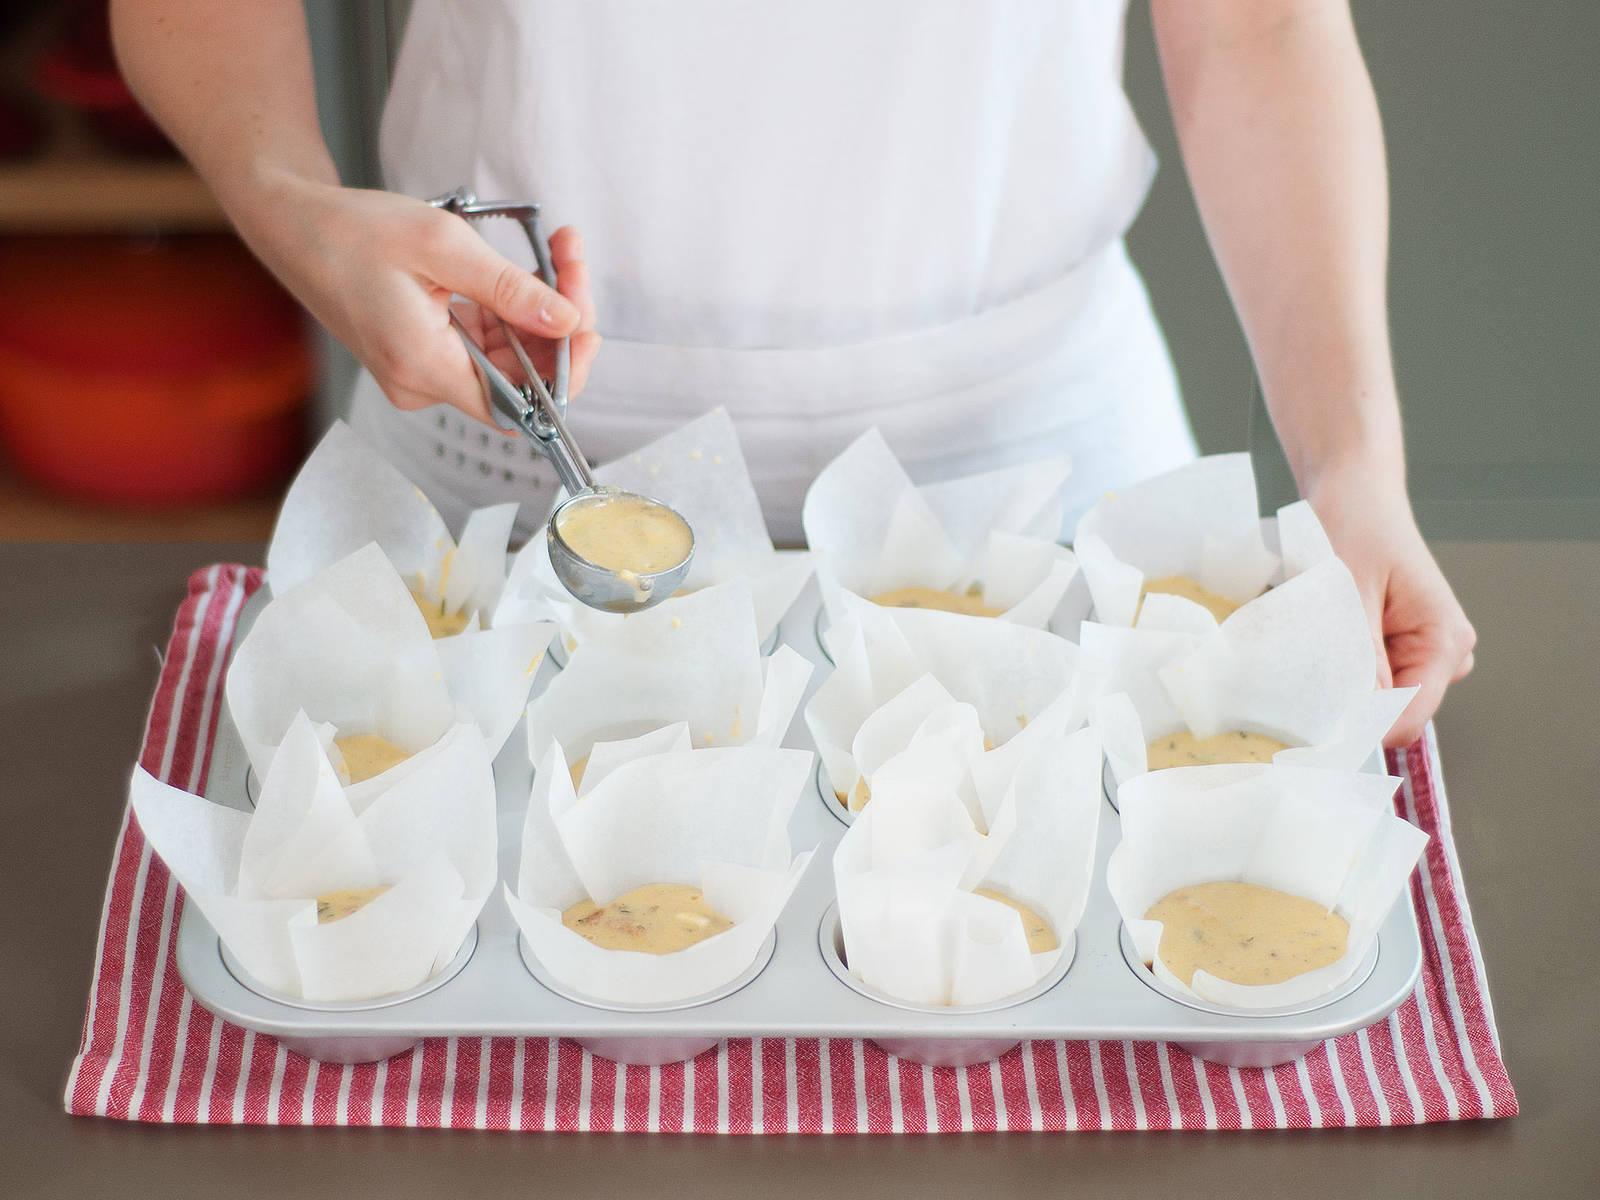 将面糊倒满玛芬杯的一半,以200℃烤15-20分钟,或直至玛芬烤成金棕色并凝固。先在烤盘中放一会儿,然后再转移到冷却架上。稍微放凉后享用。